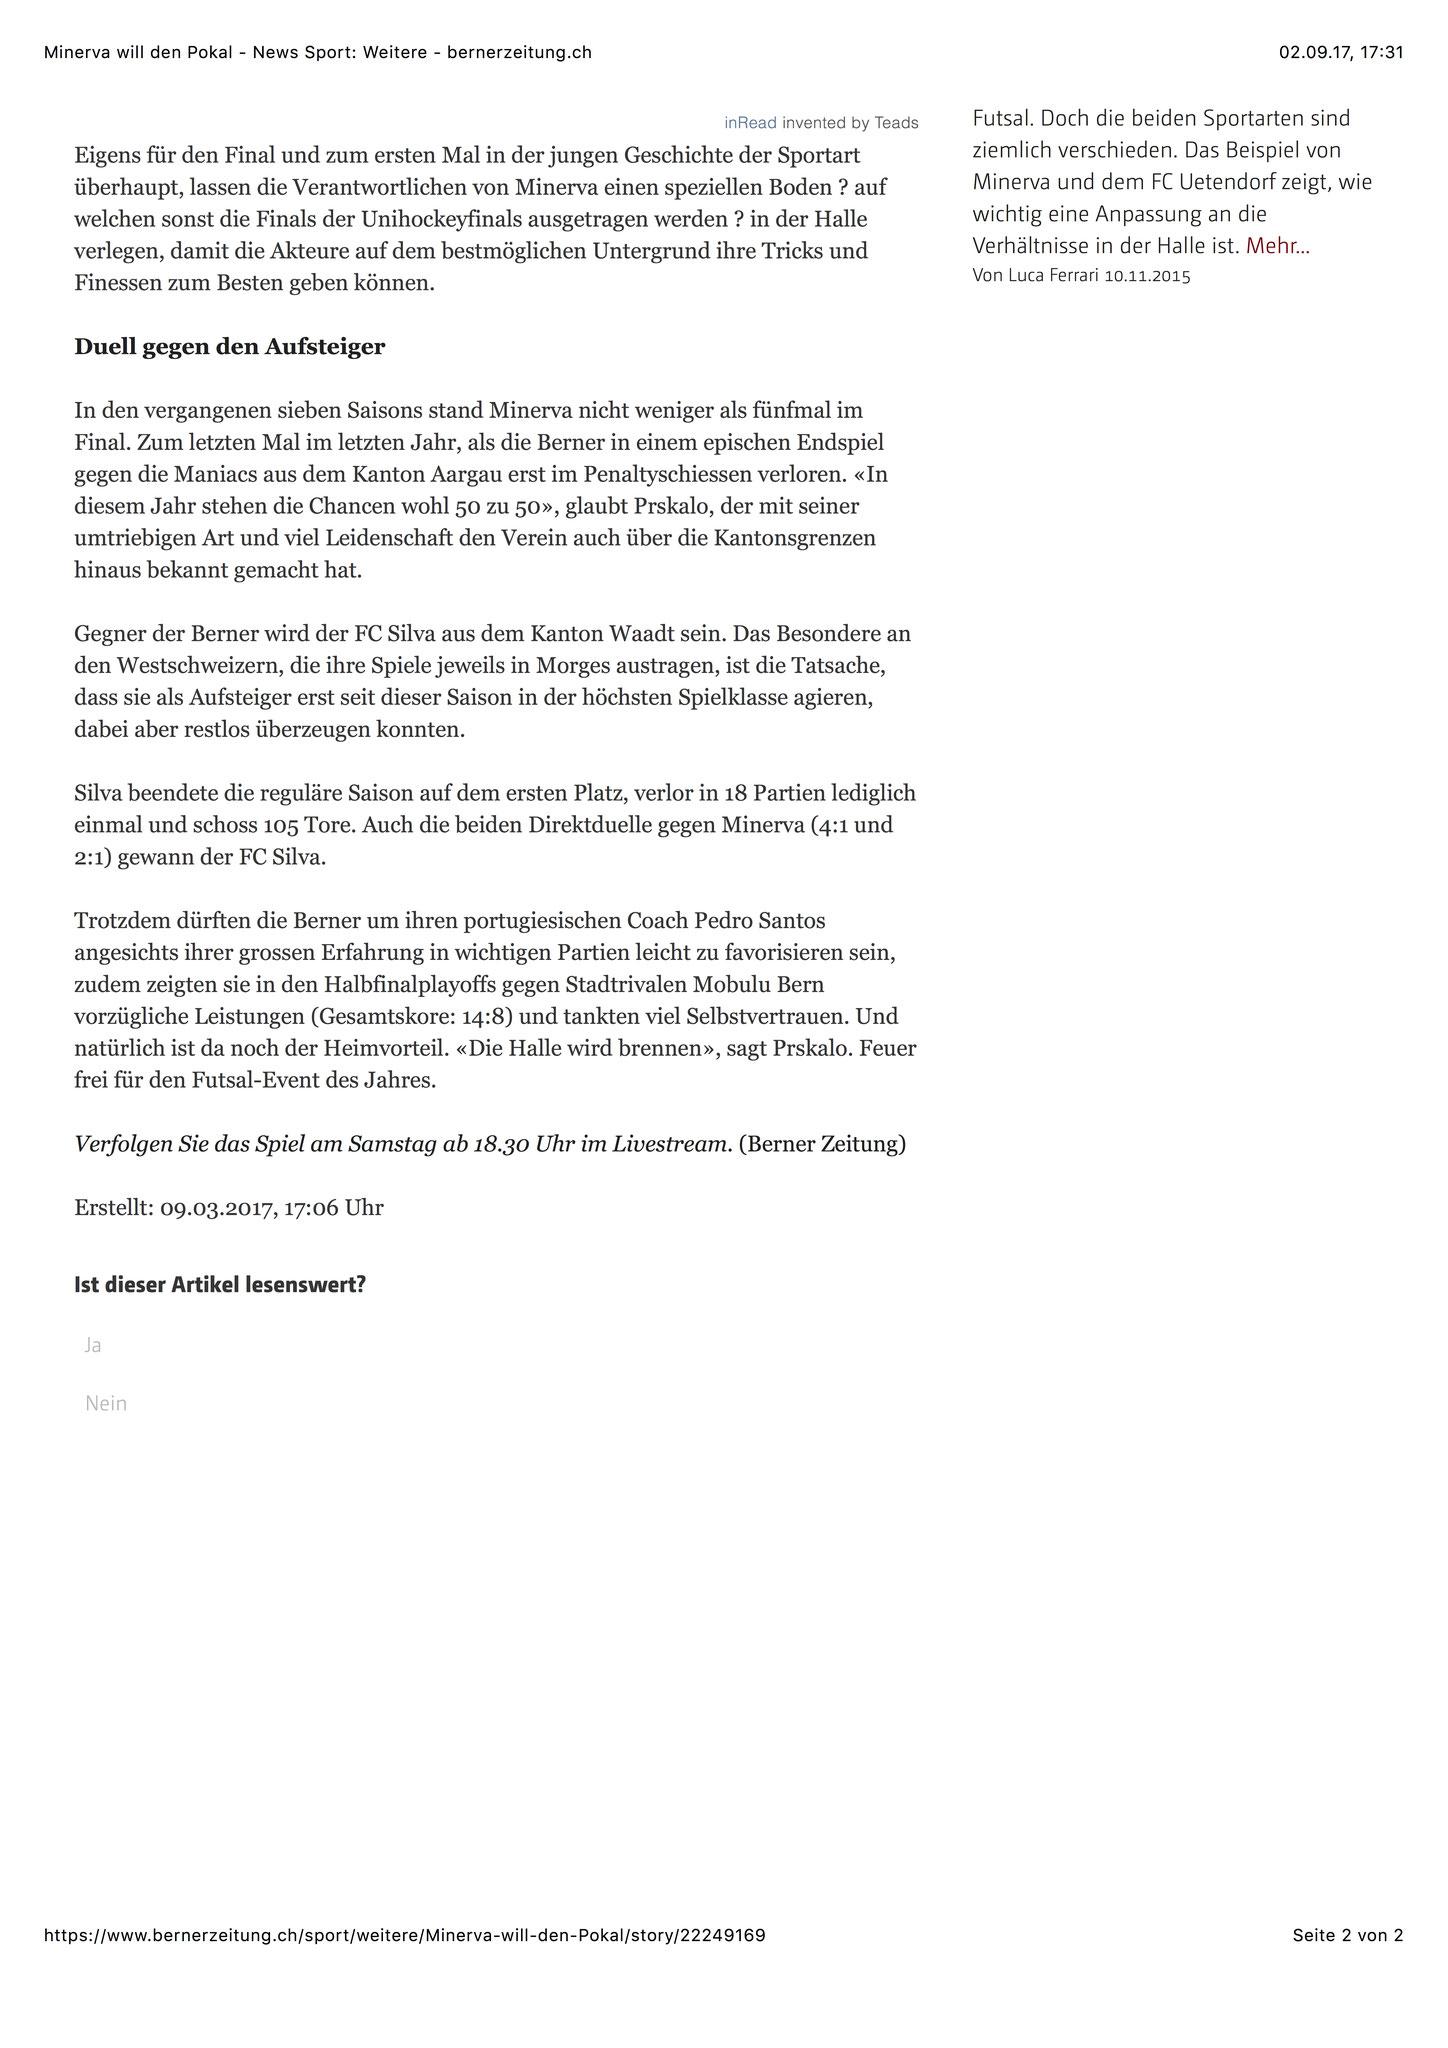 Berner Zeitung BZ - 09. März 2017 - S. 2